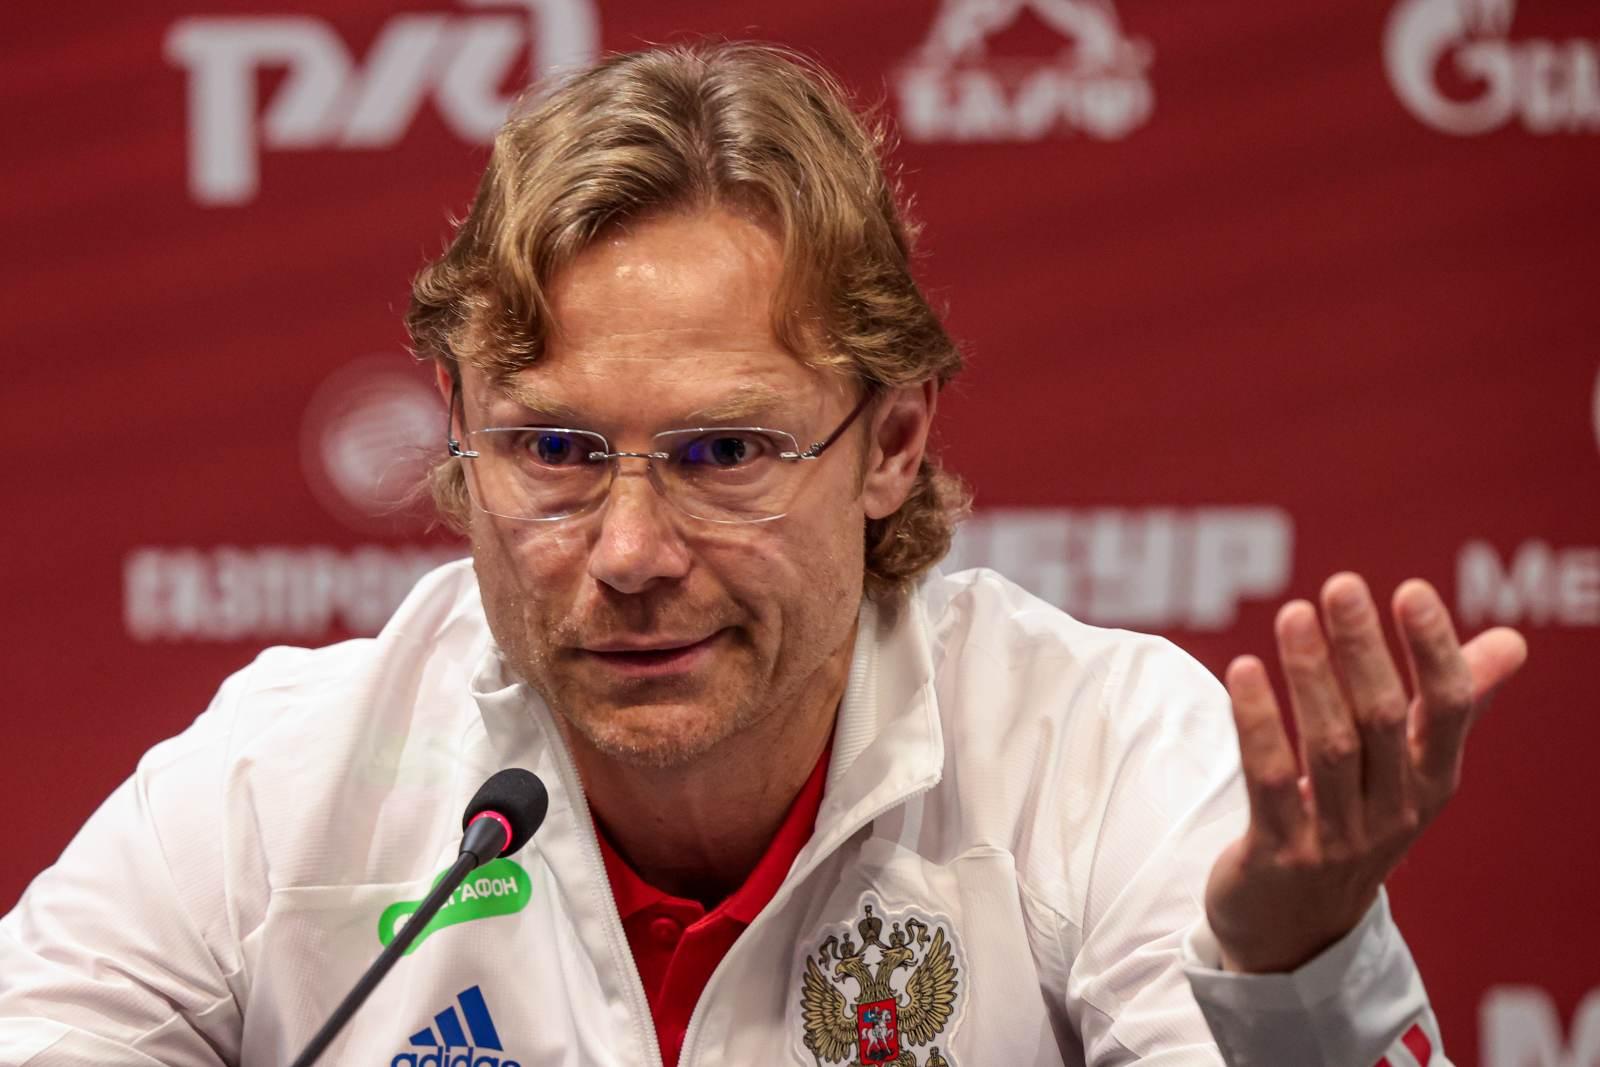 Карпин огласил окончательную заявку сборной – в ней не нашлось места Караваеву, Зиньковскому и Бакаеву